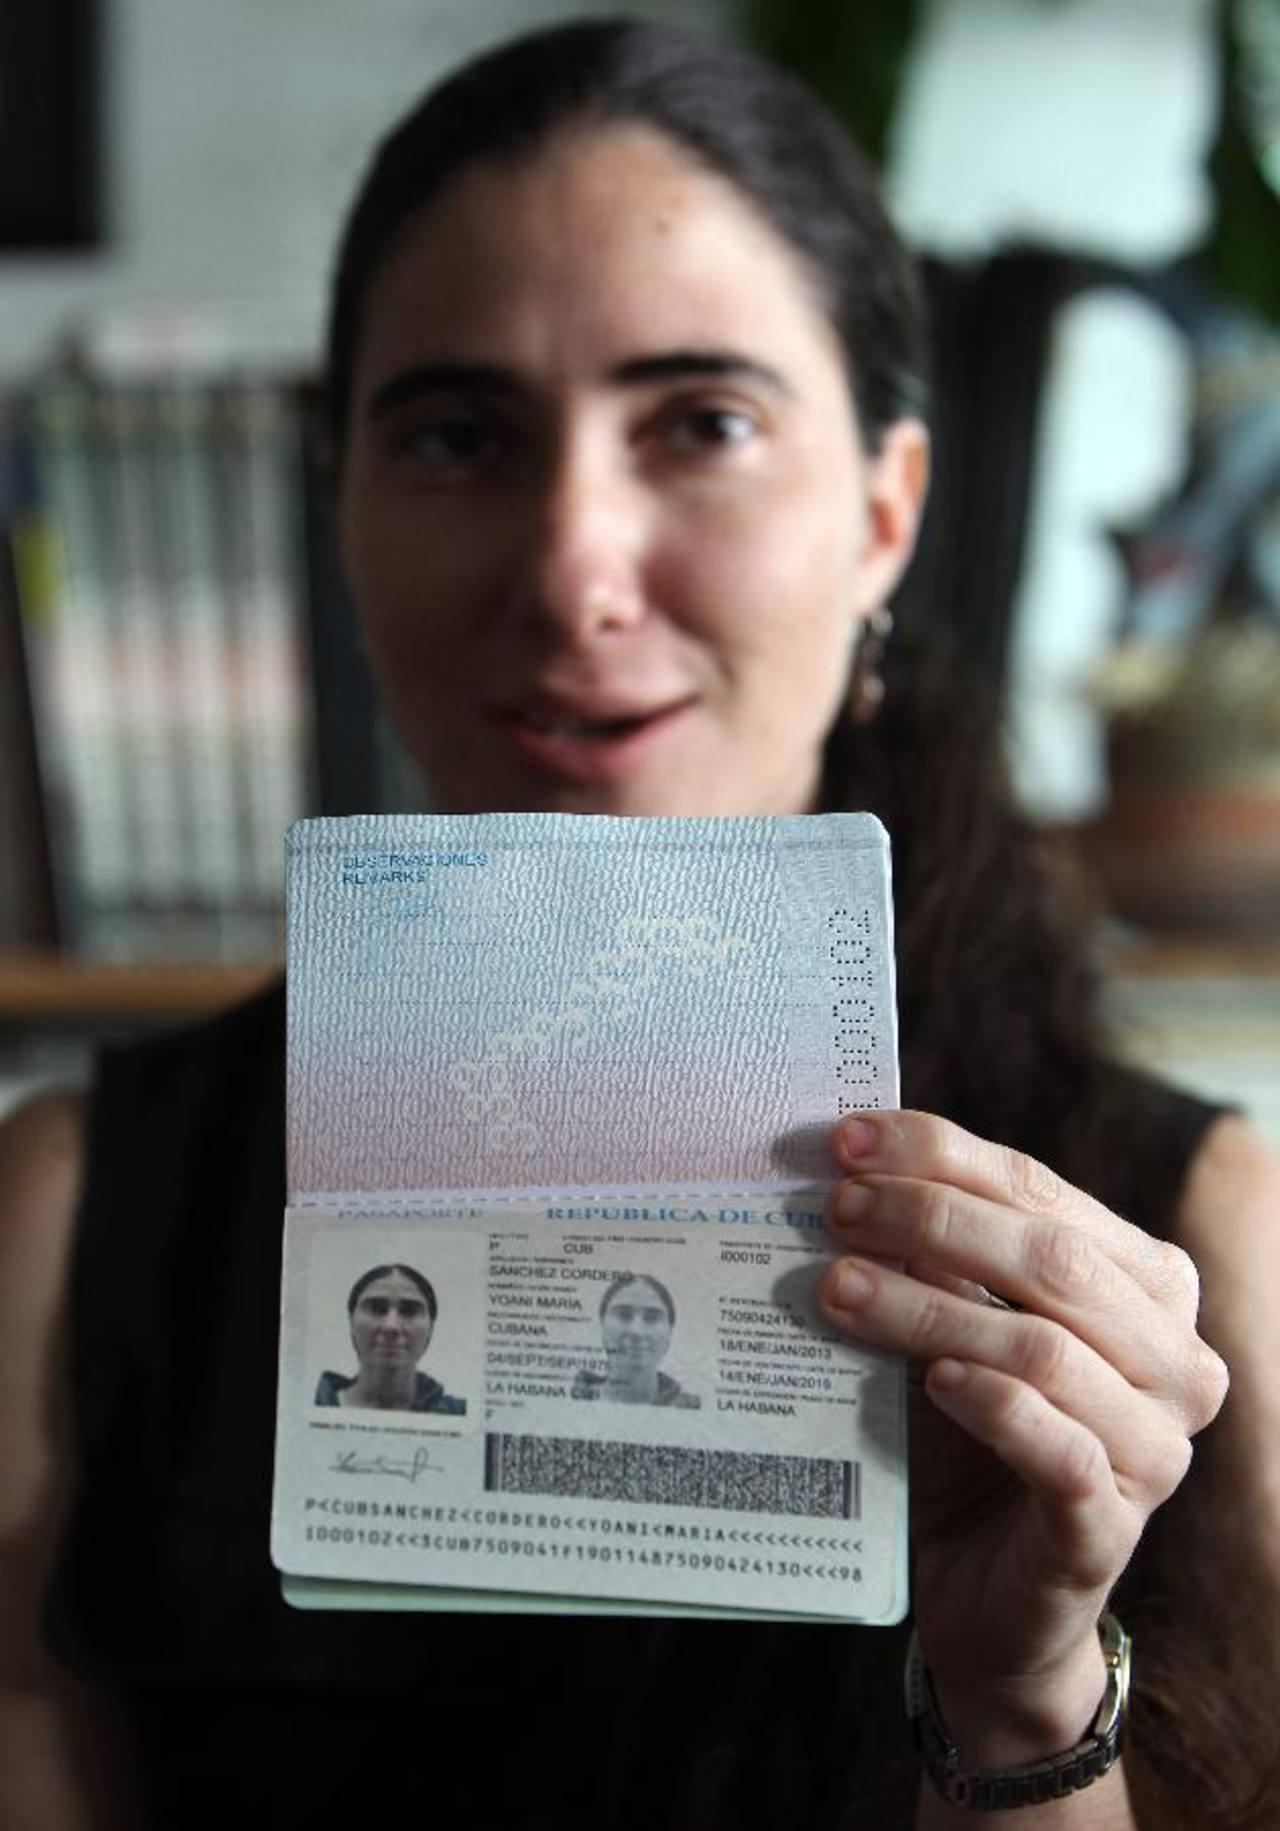 La bloguera Yoani Sánchez posa su nuevo pasaporte.